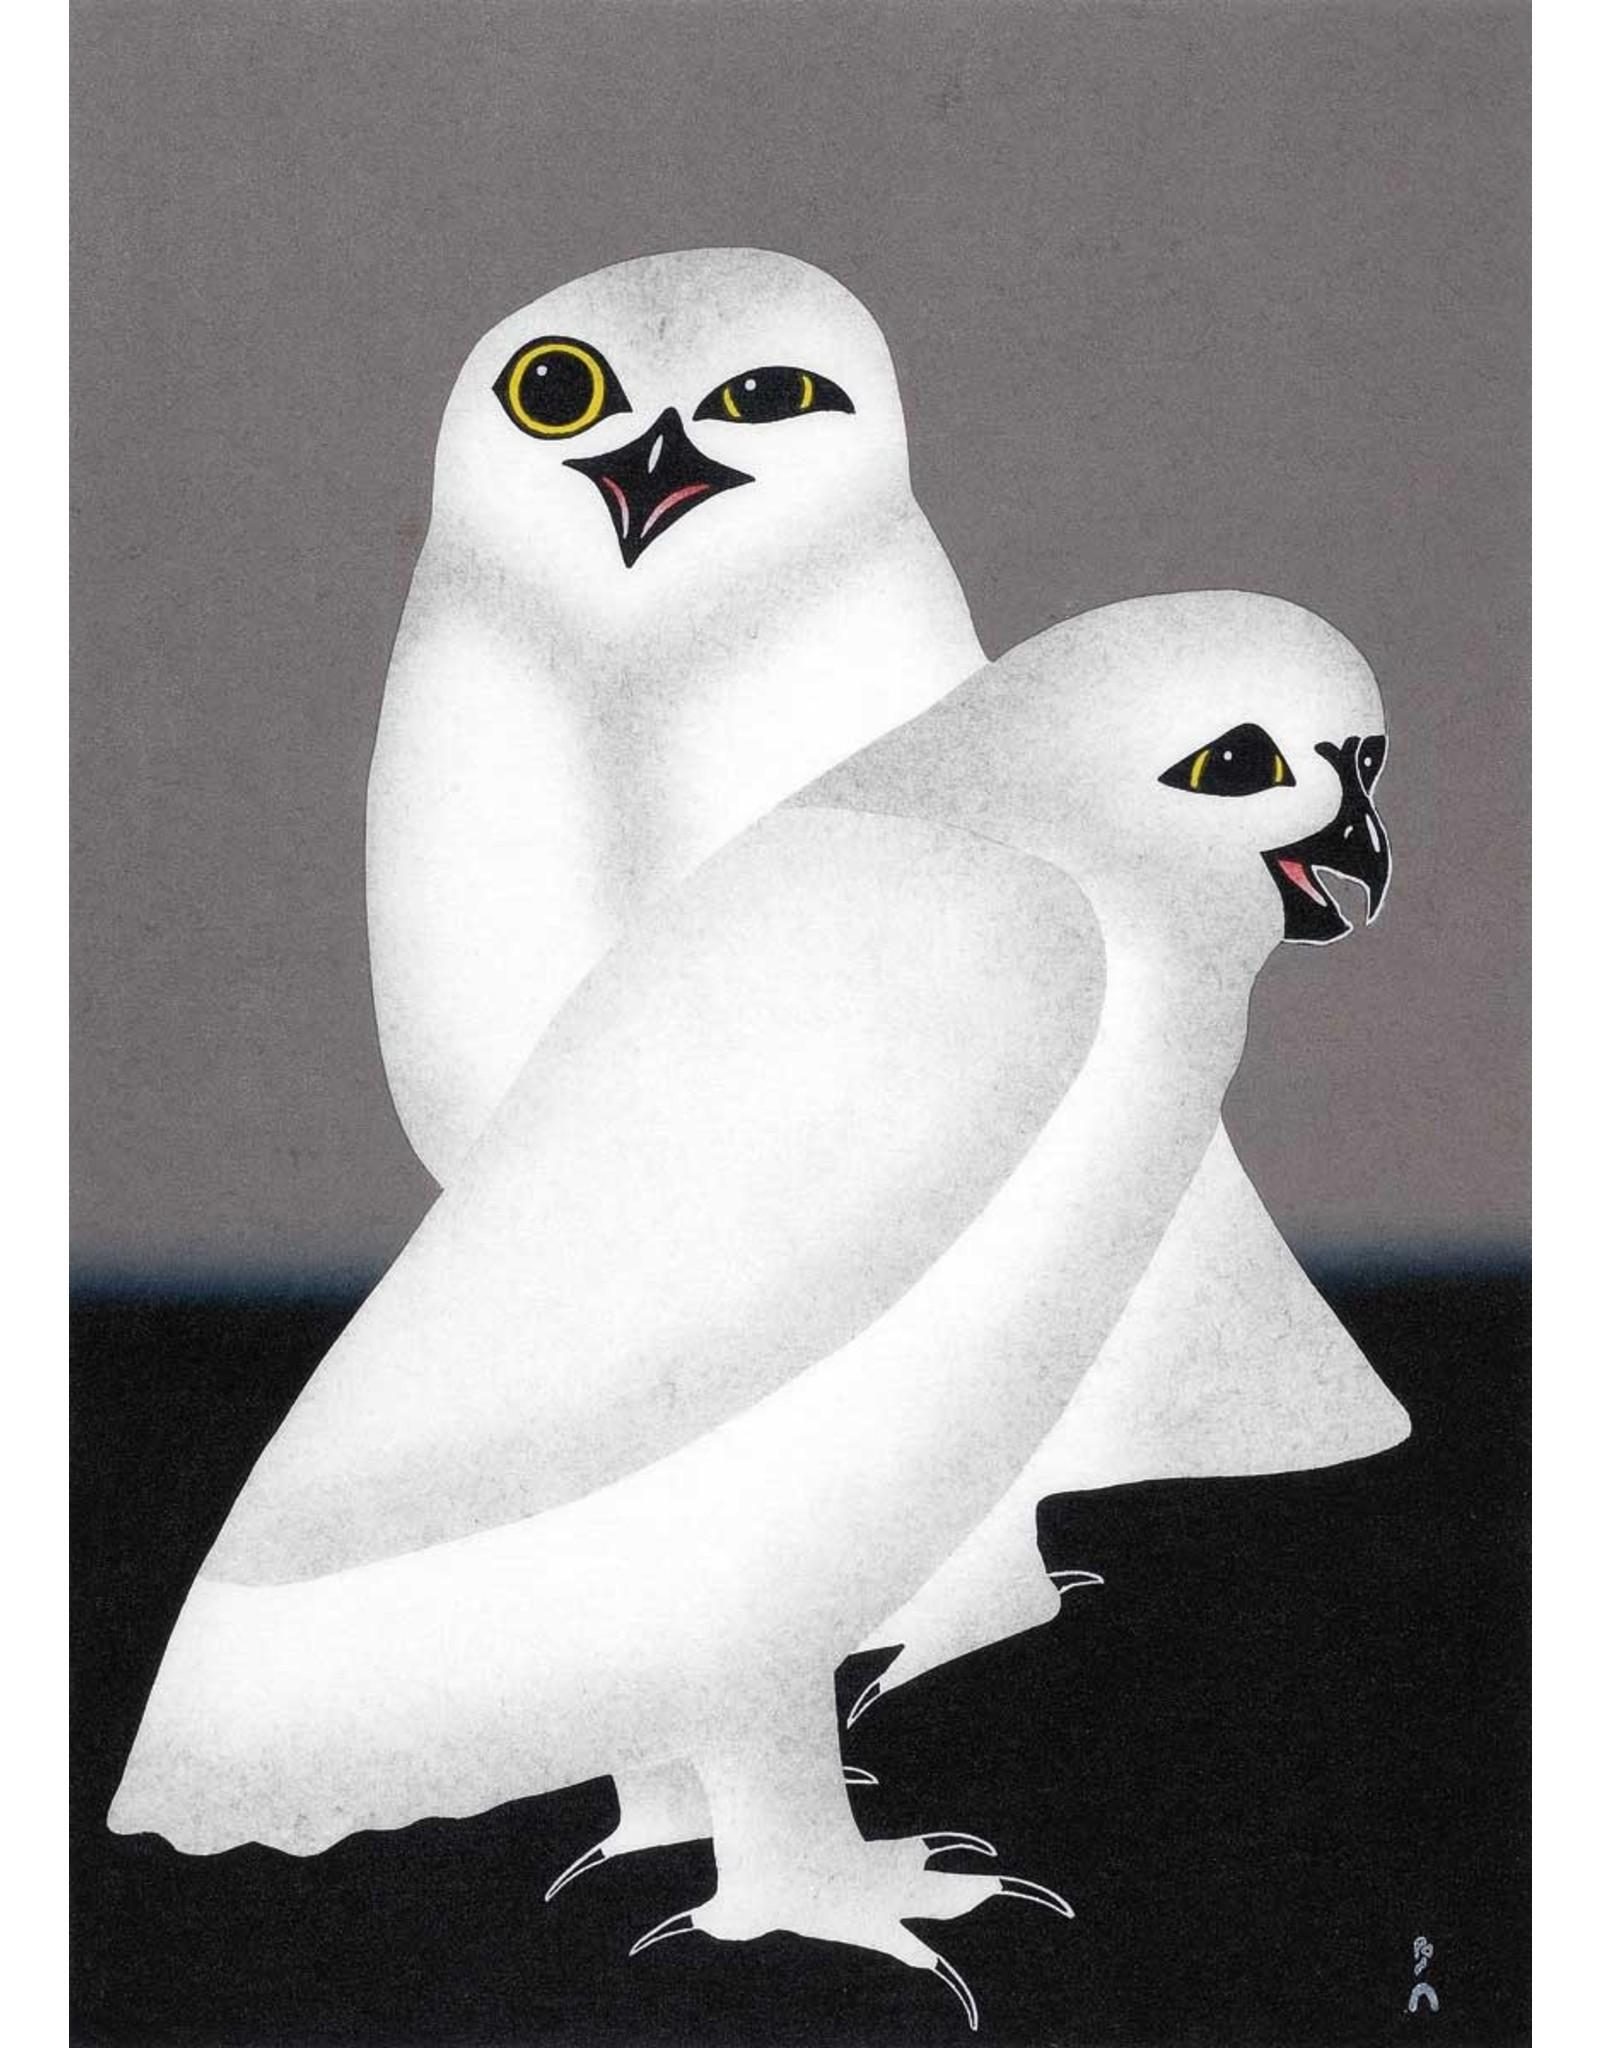 Unnuarsiut Uppiik (Night Owls) by Kananginak Pootoogook Card